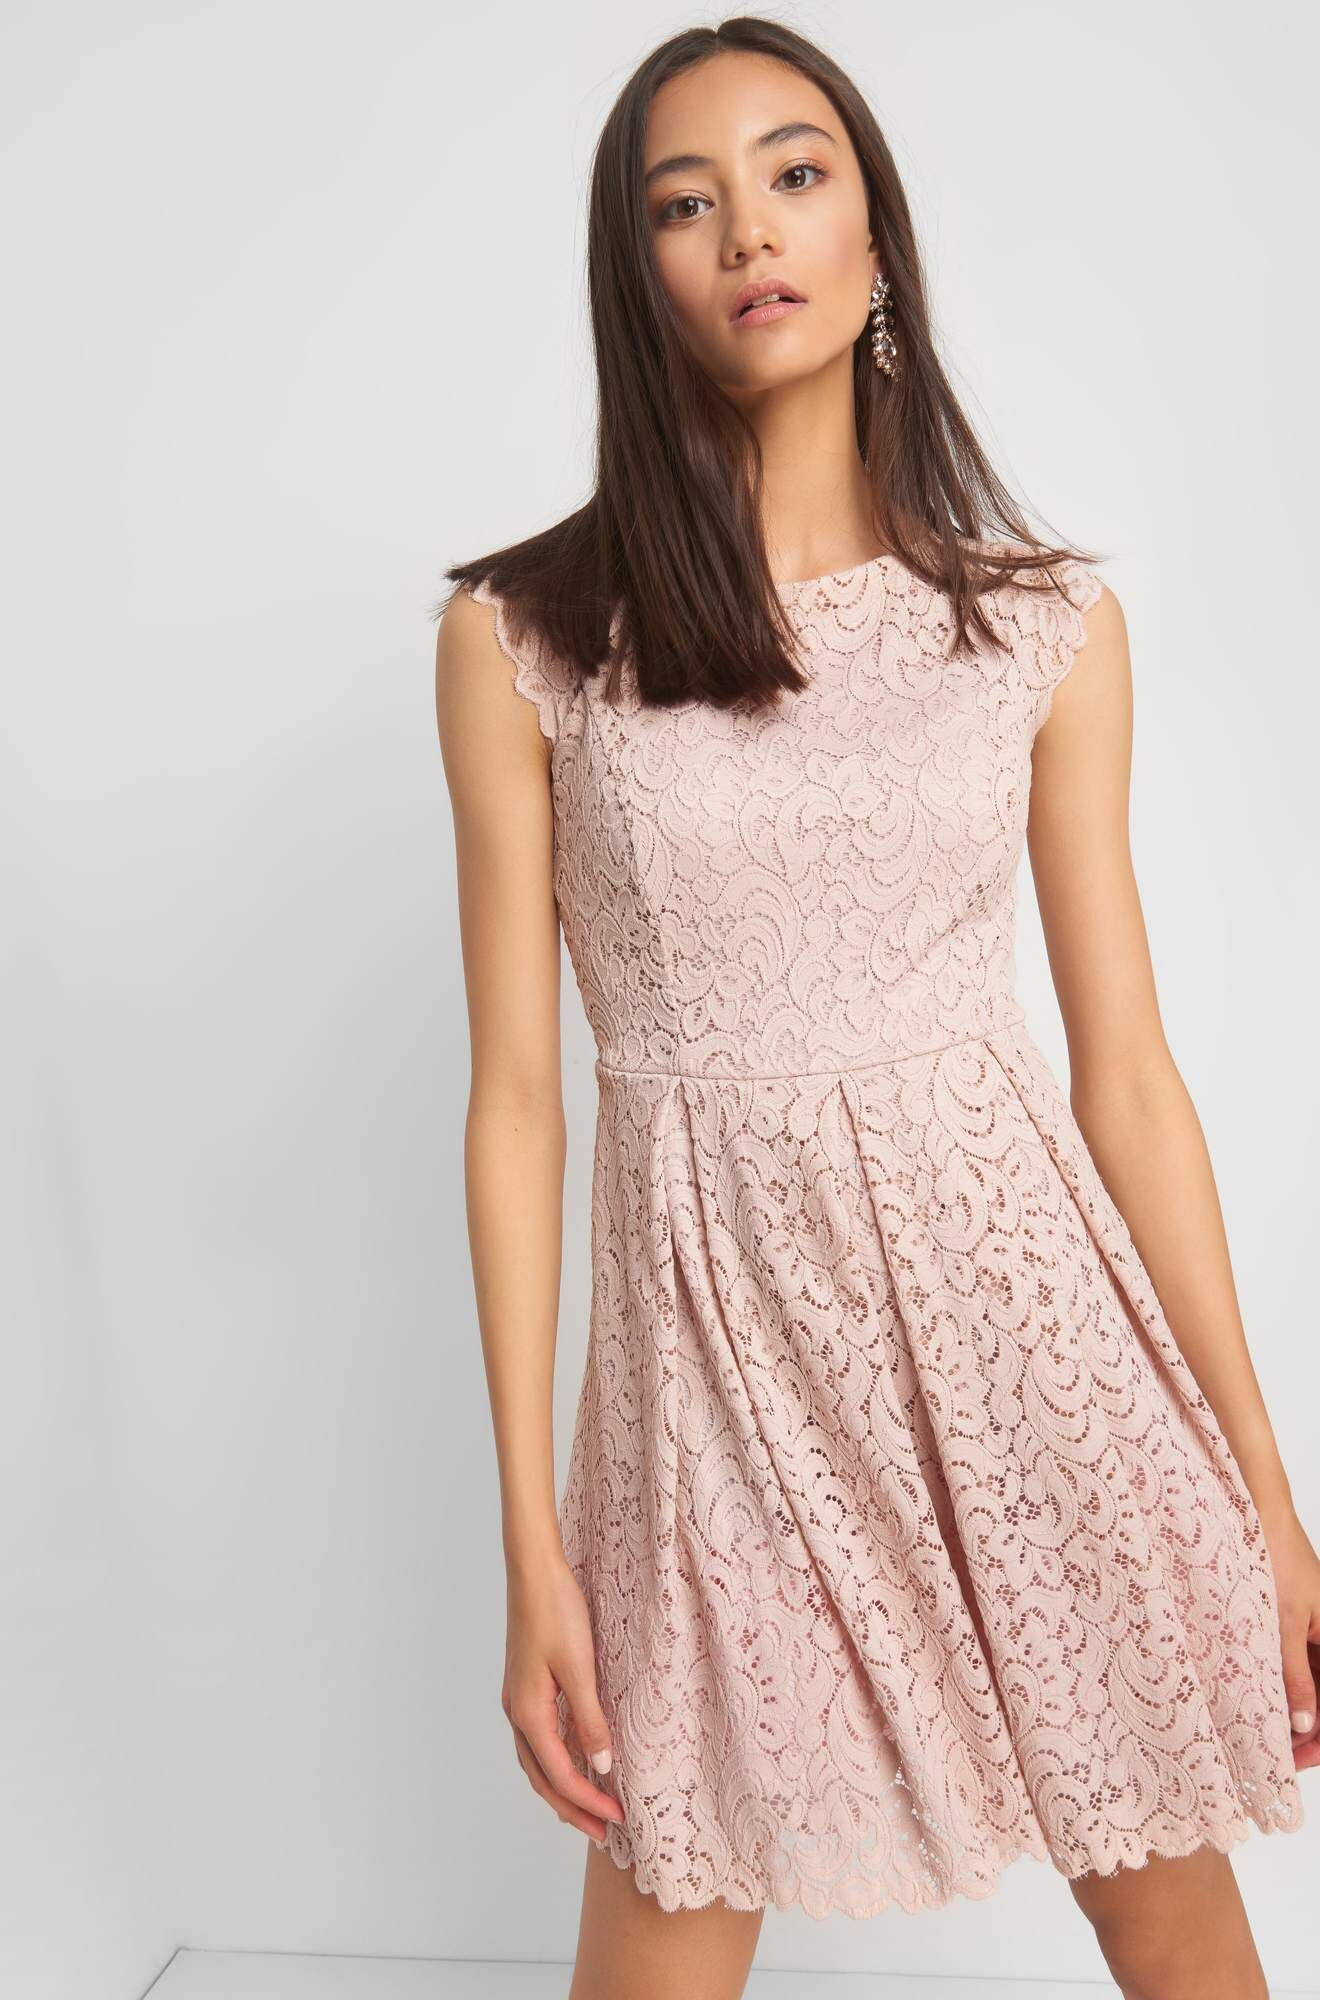 17 Ausgezeichnet Wo Schöne Abendkleider Kaufen VertriebDesigner Fantastisch Wo Schöne Abendkleider Kaufen Bester Preis